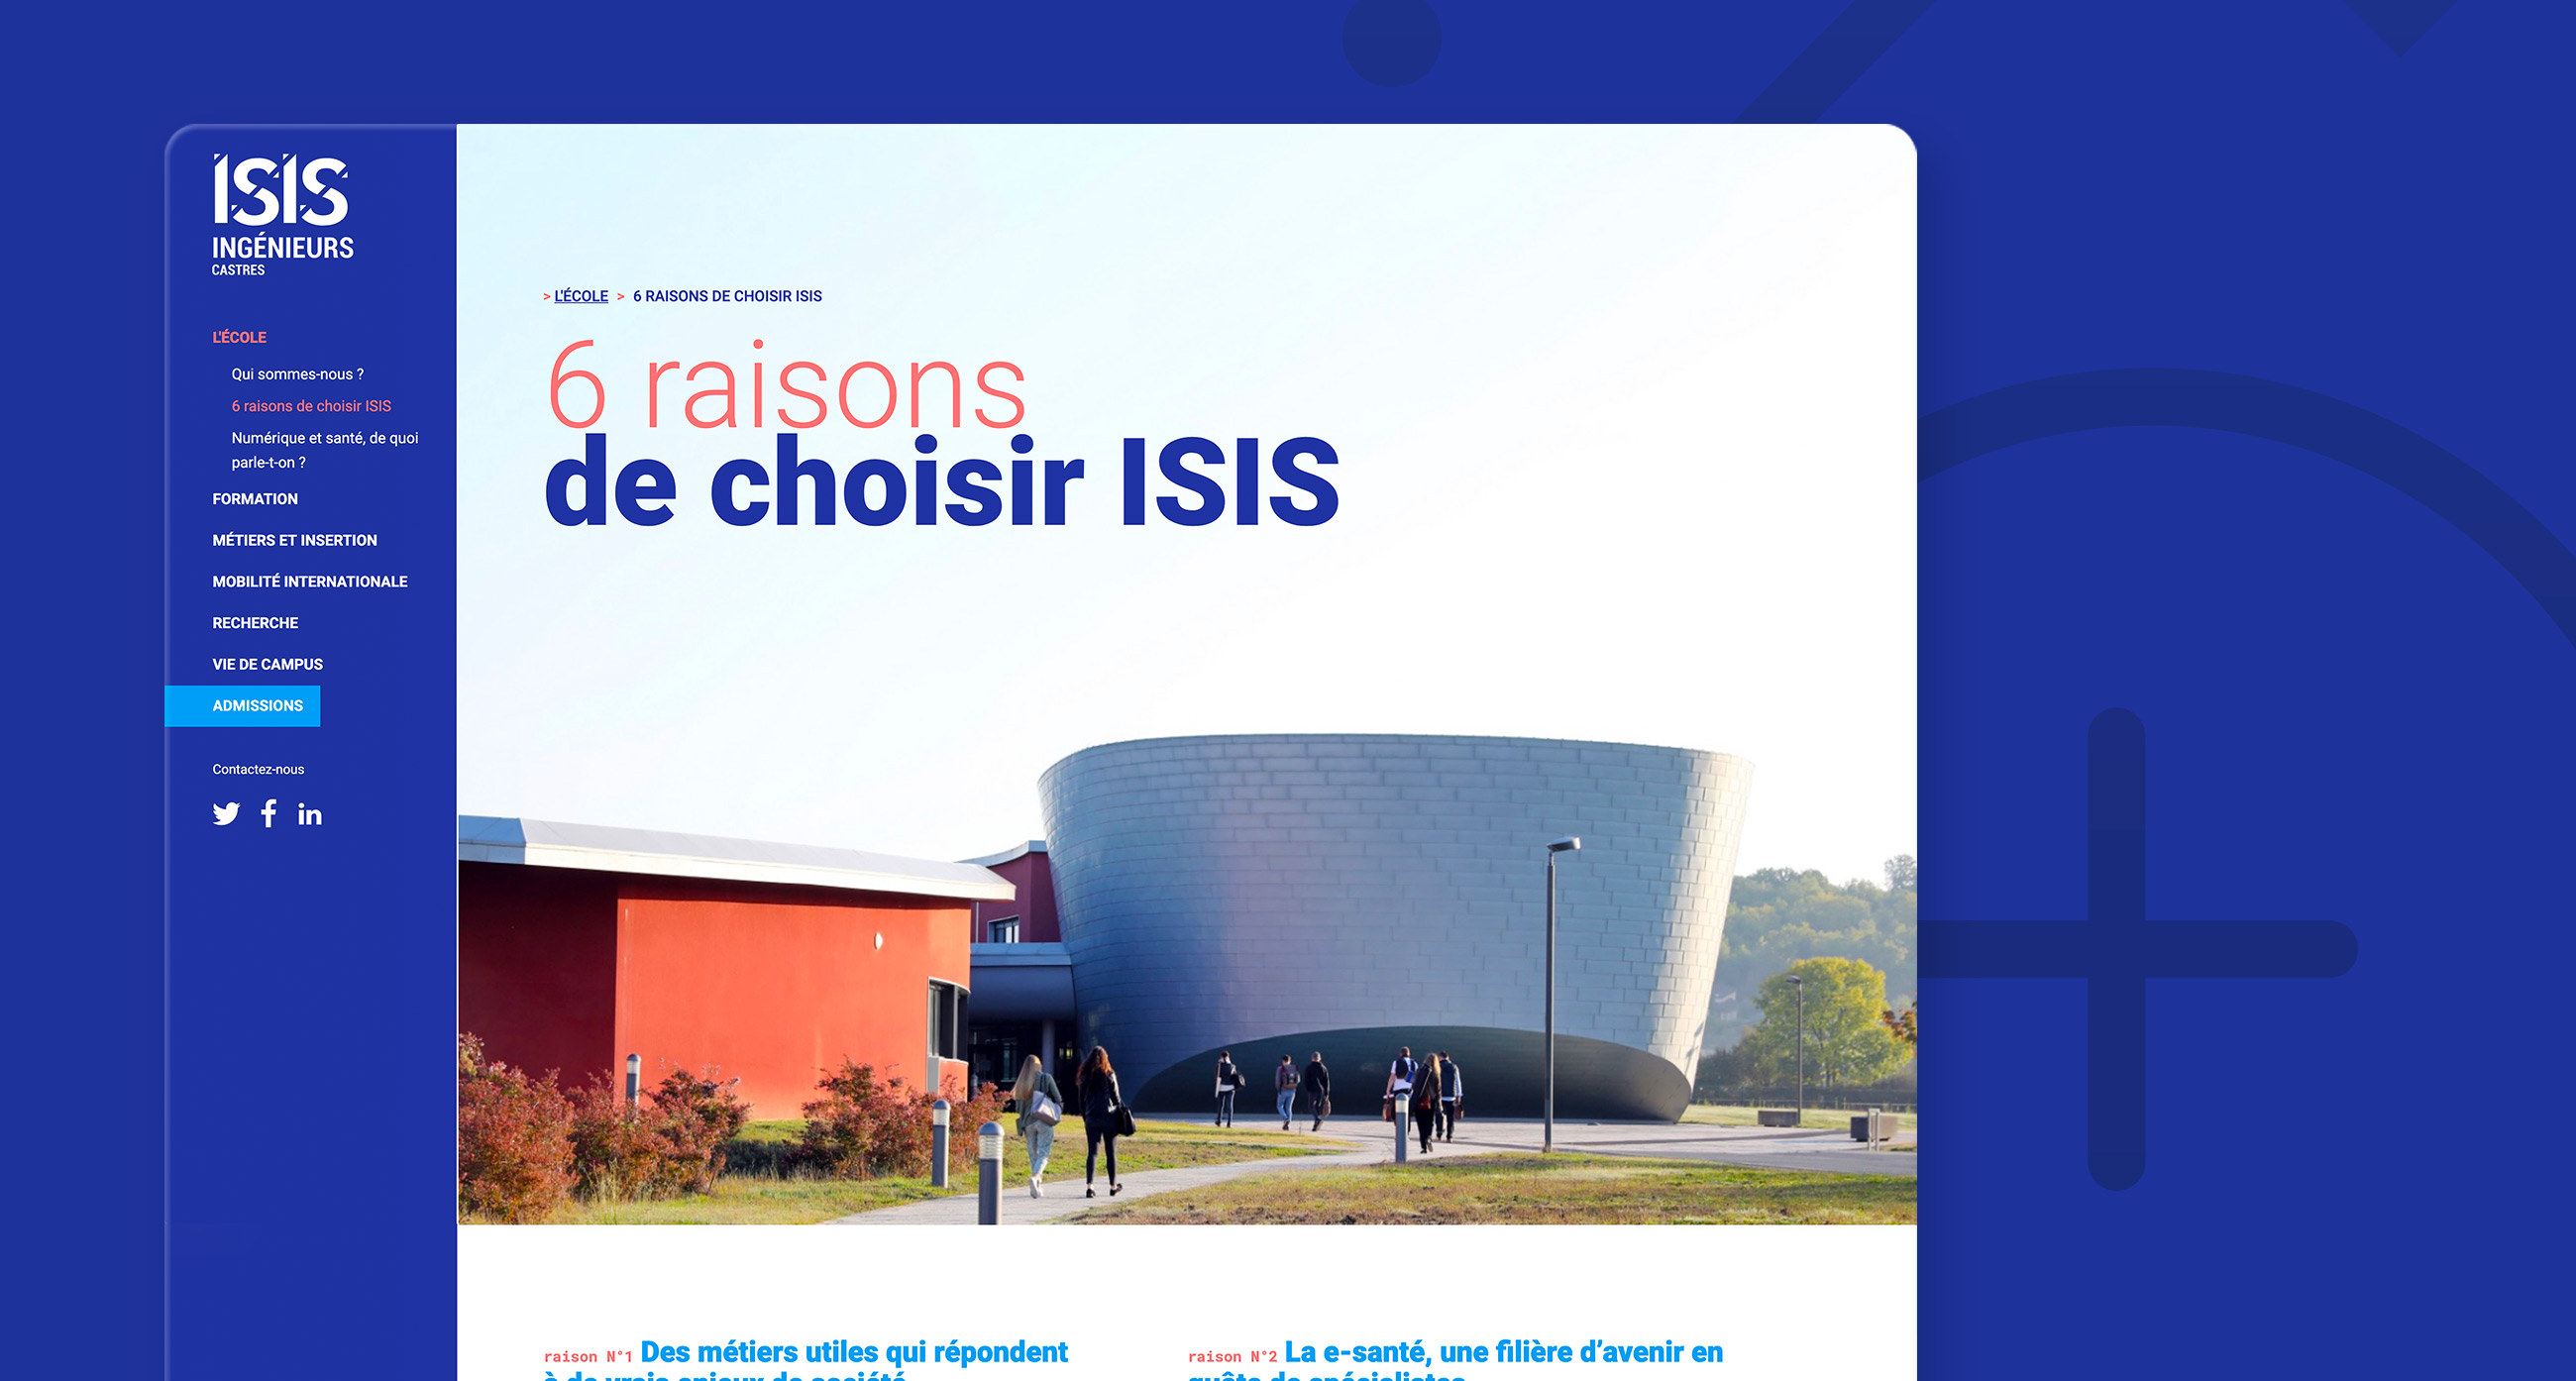 Conception du webdesign du site d'ISIS